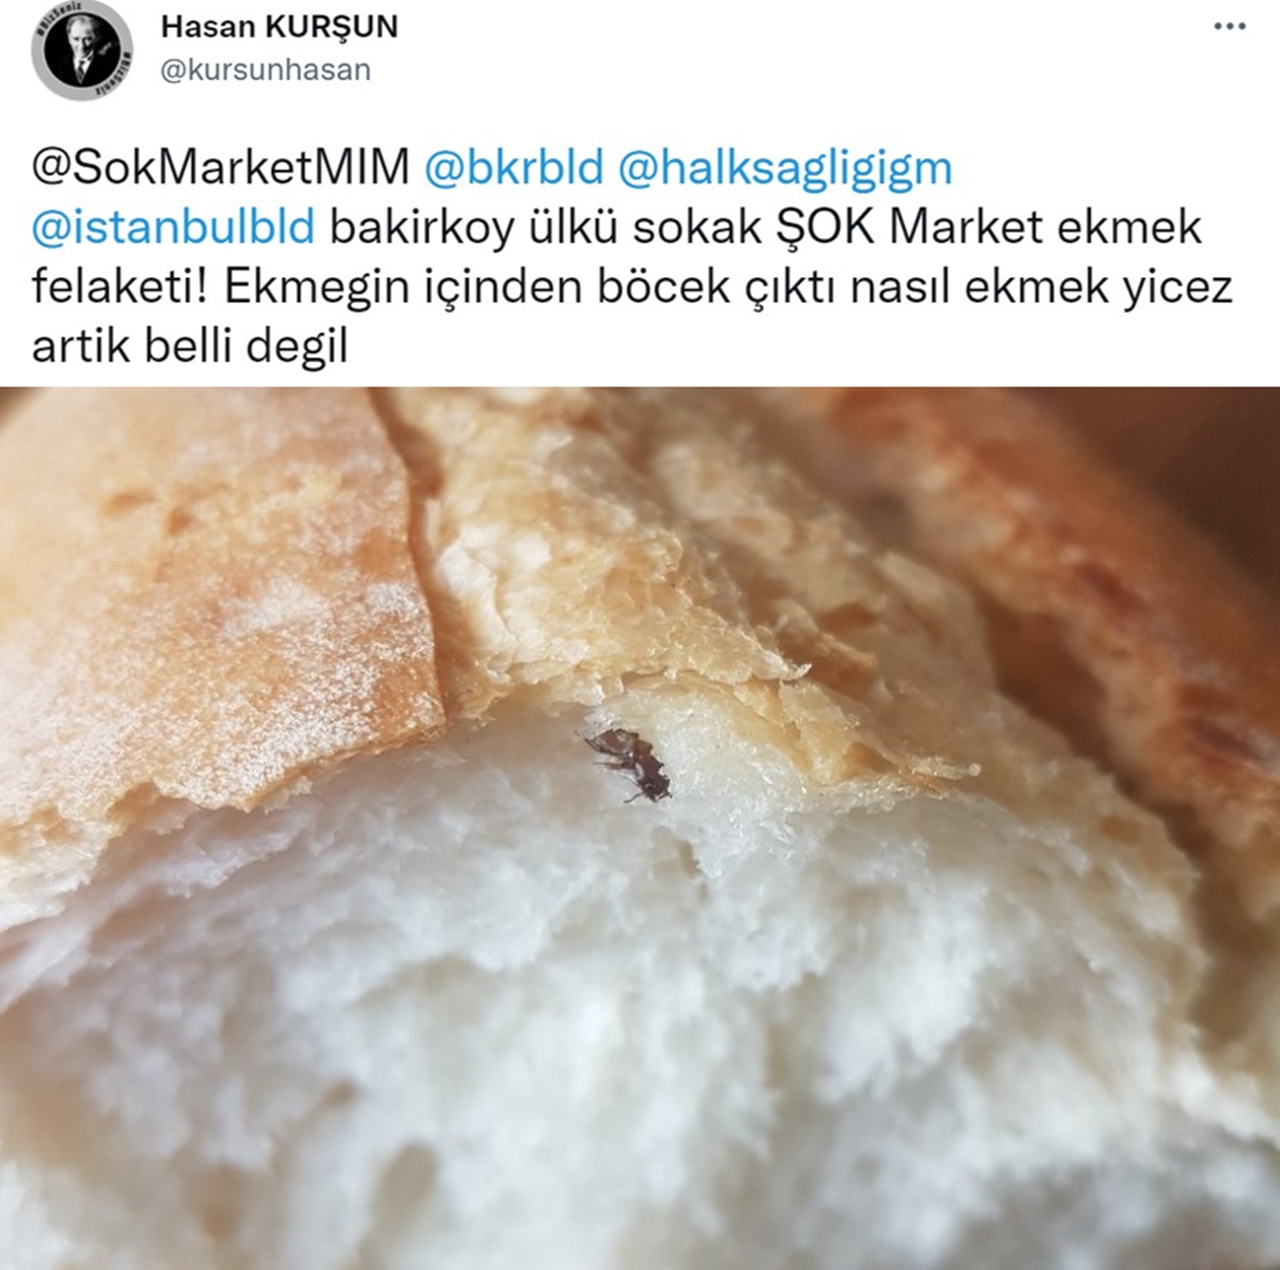 ekmek böcek